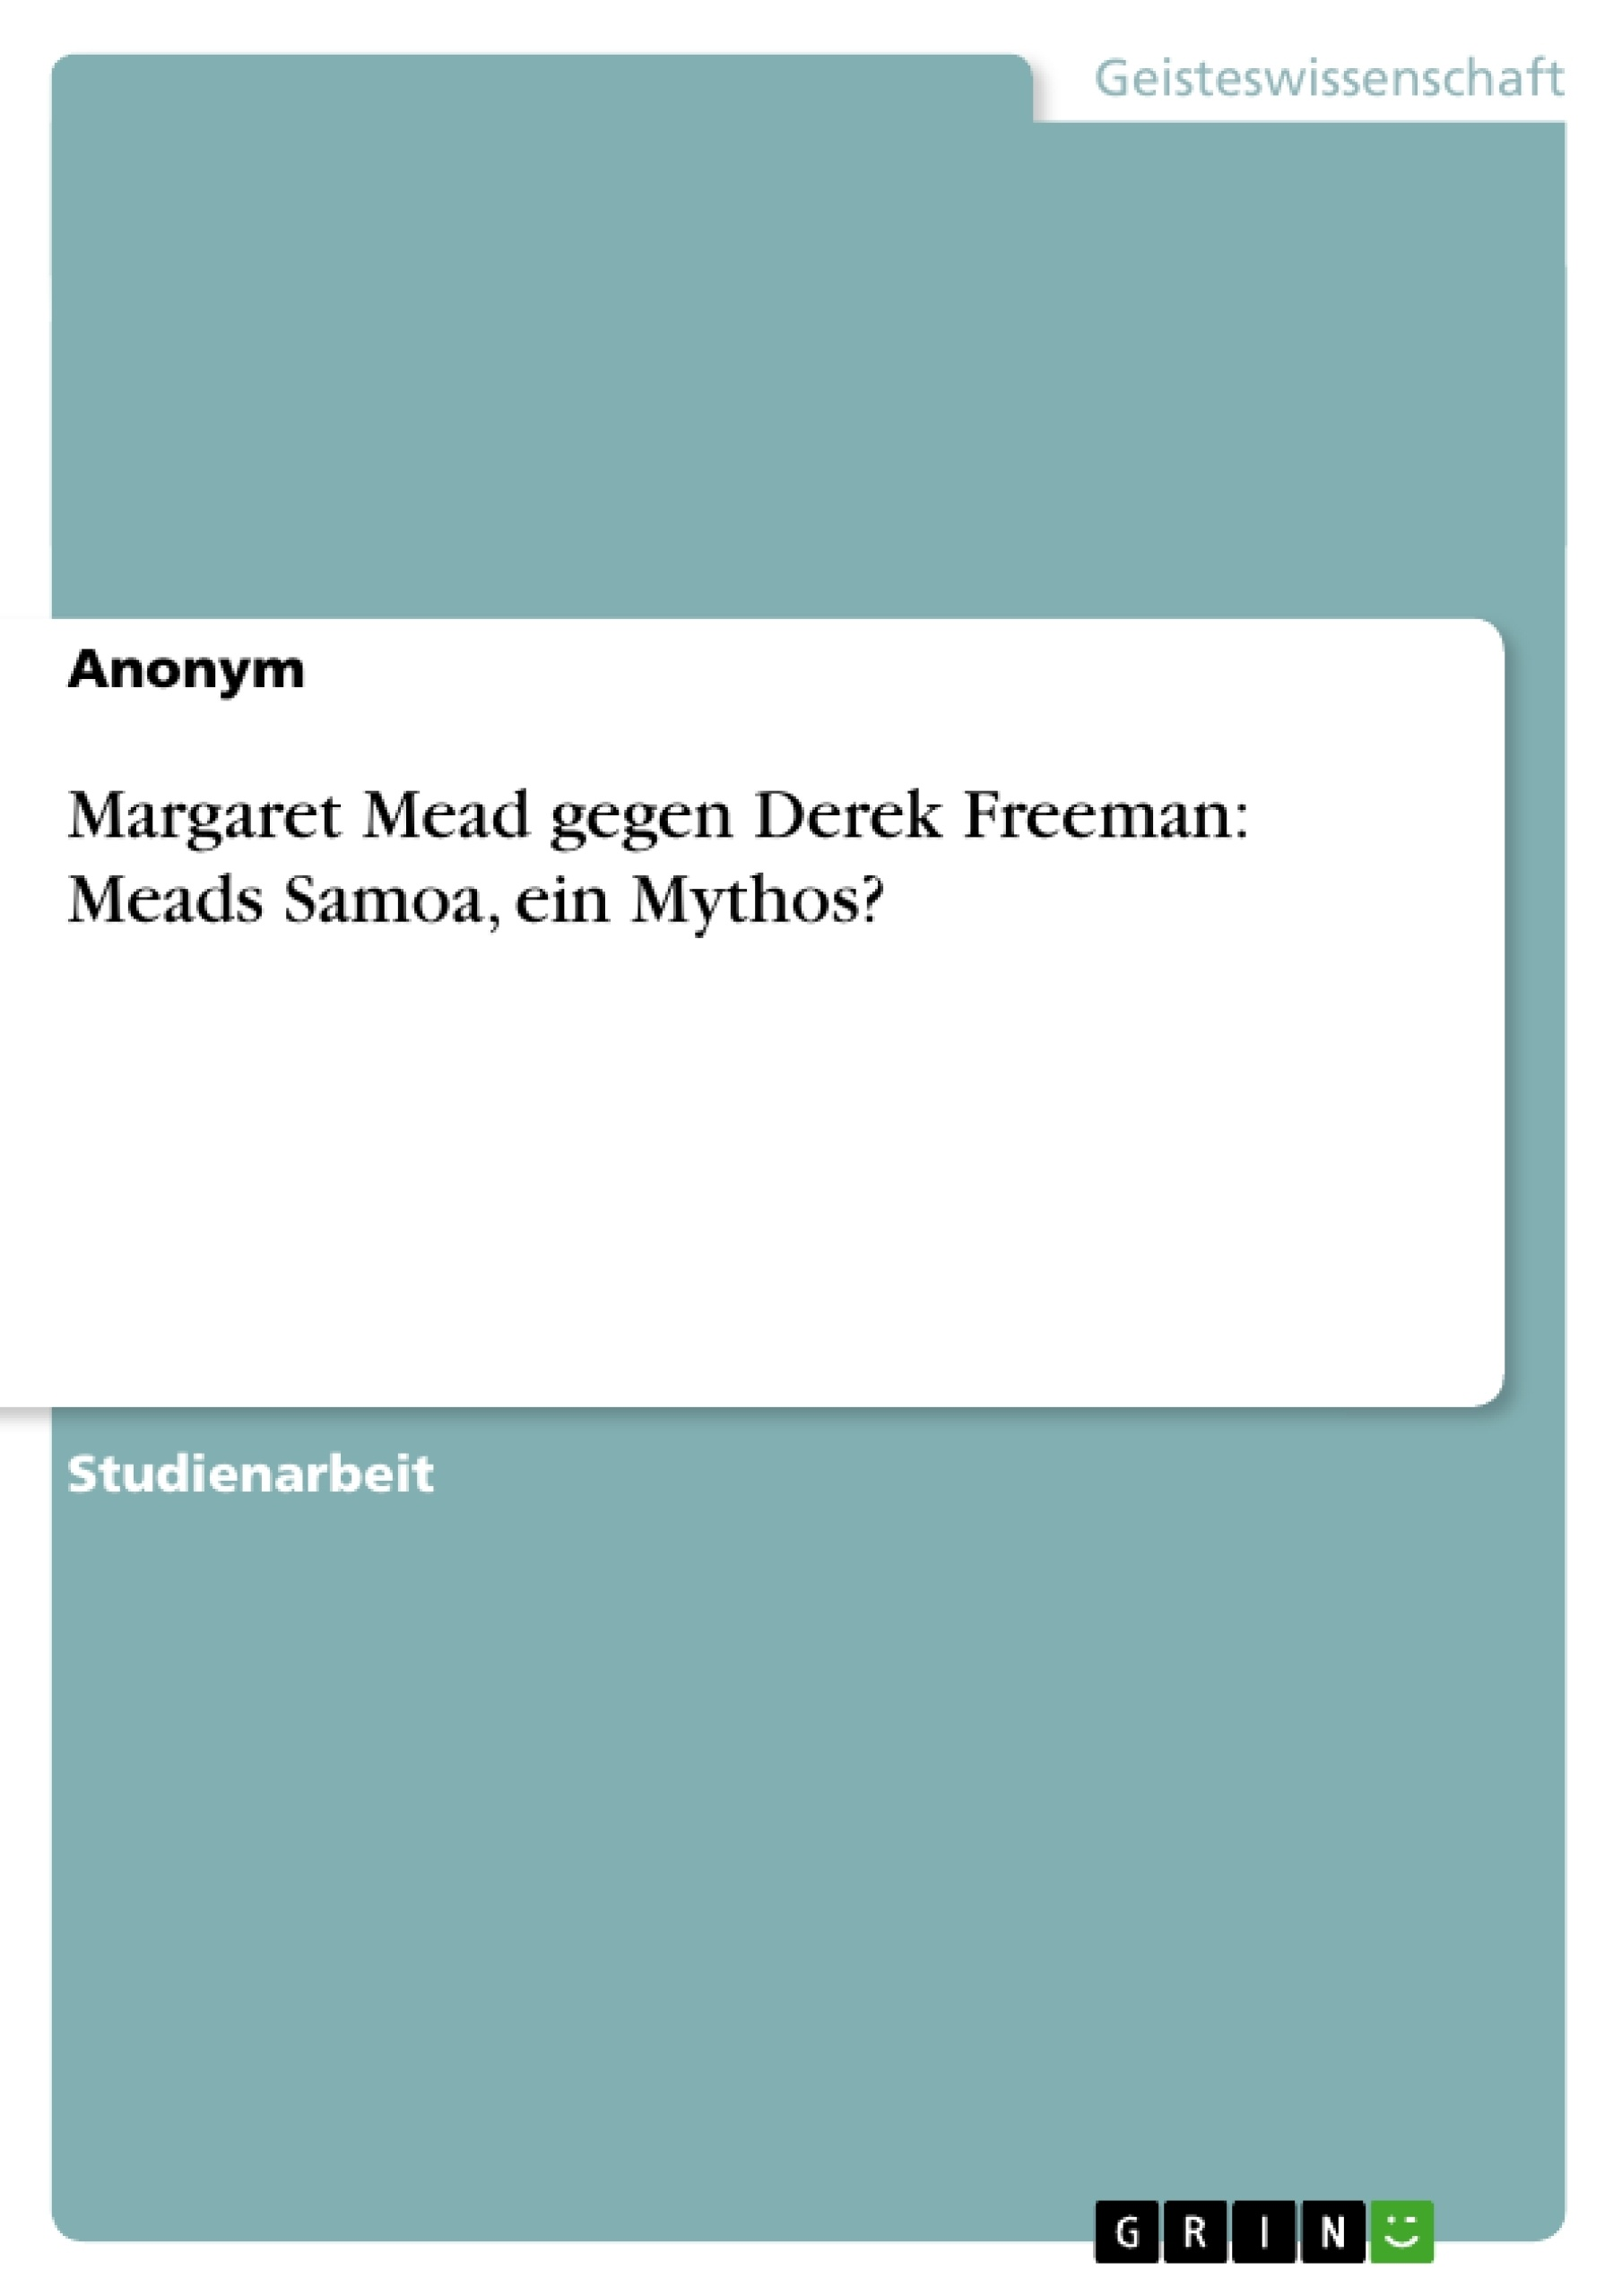 Titel: Margaret Mead gegen Derek Freeman: Meads Samoa, ein Mythos?